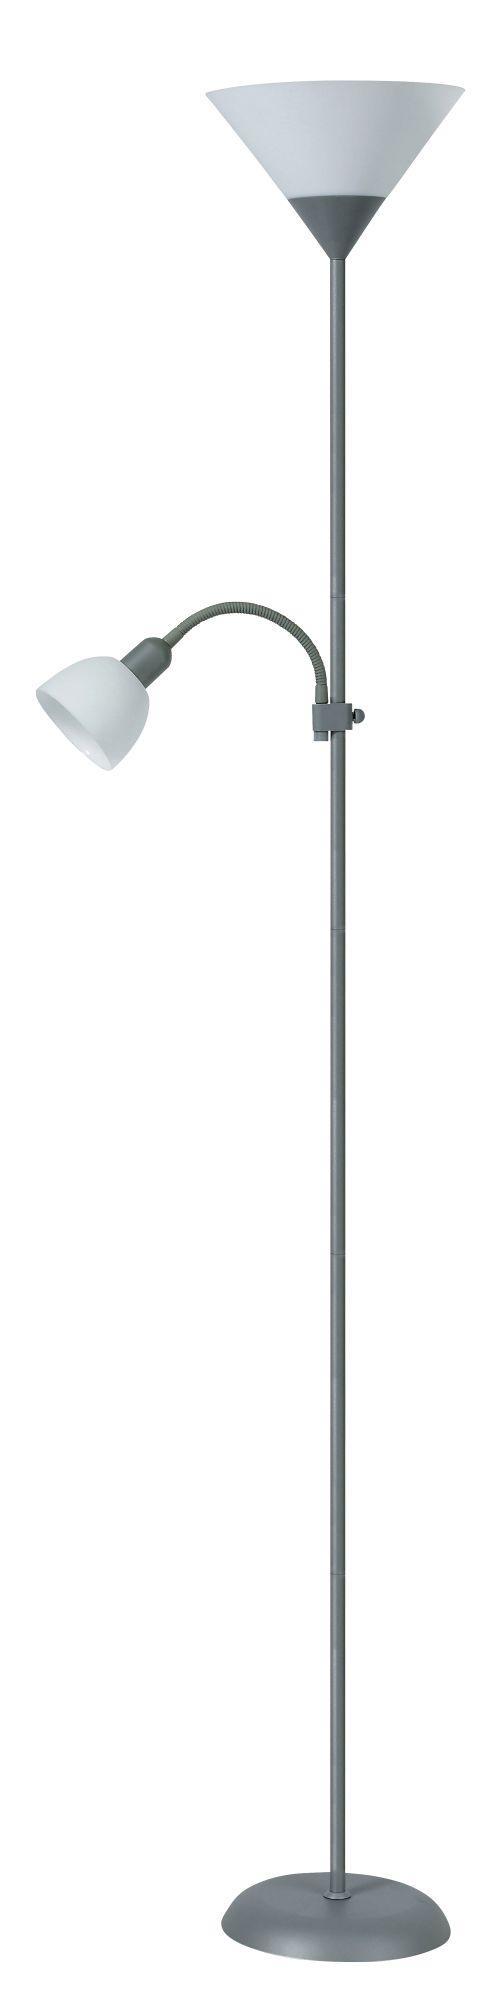 Stojanová lampa Action 4028 (strieborná + biela)